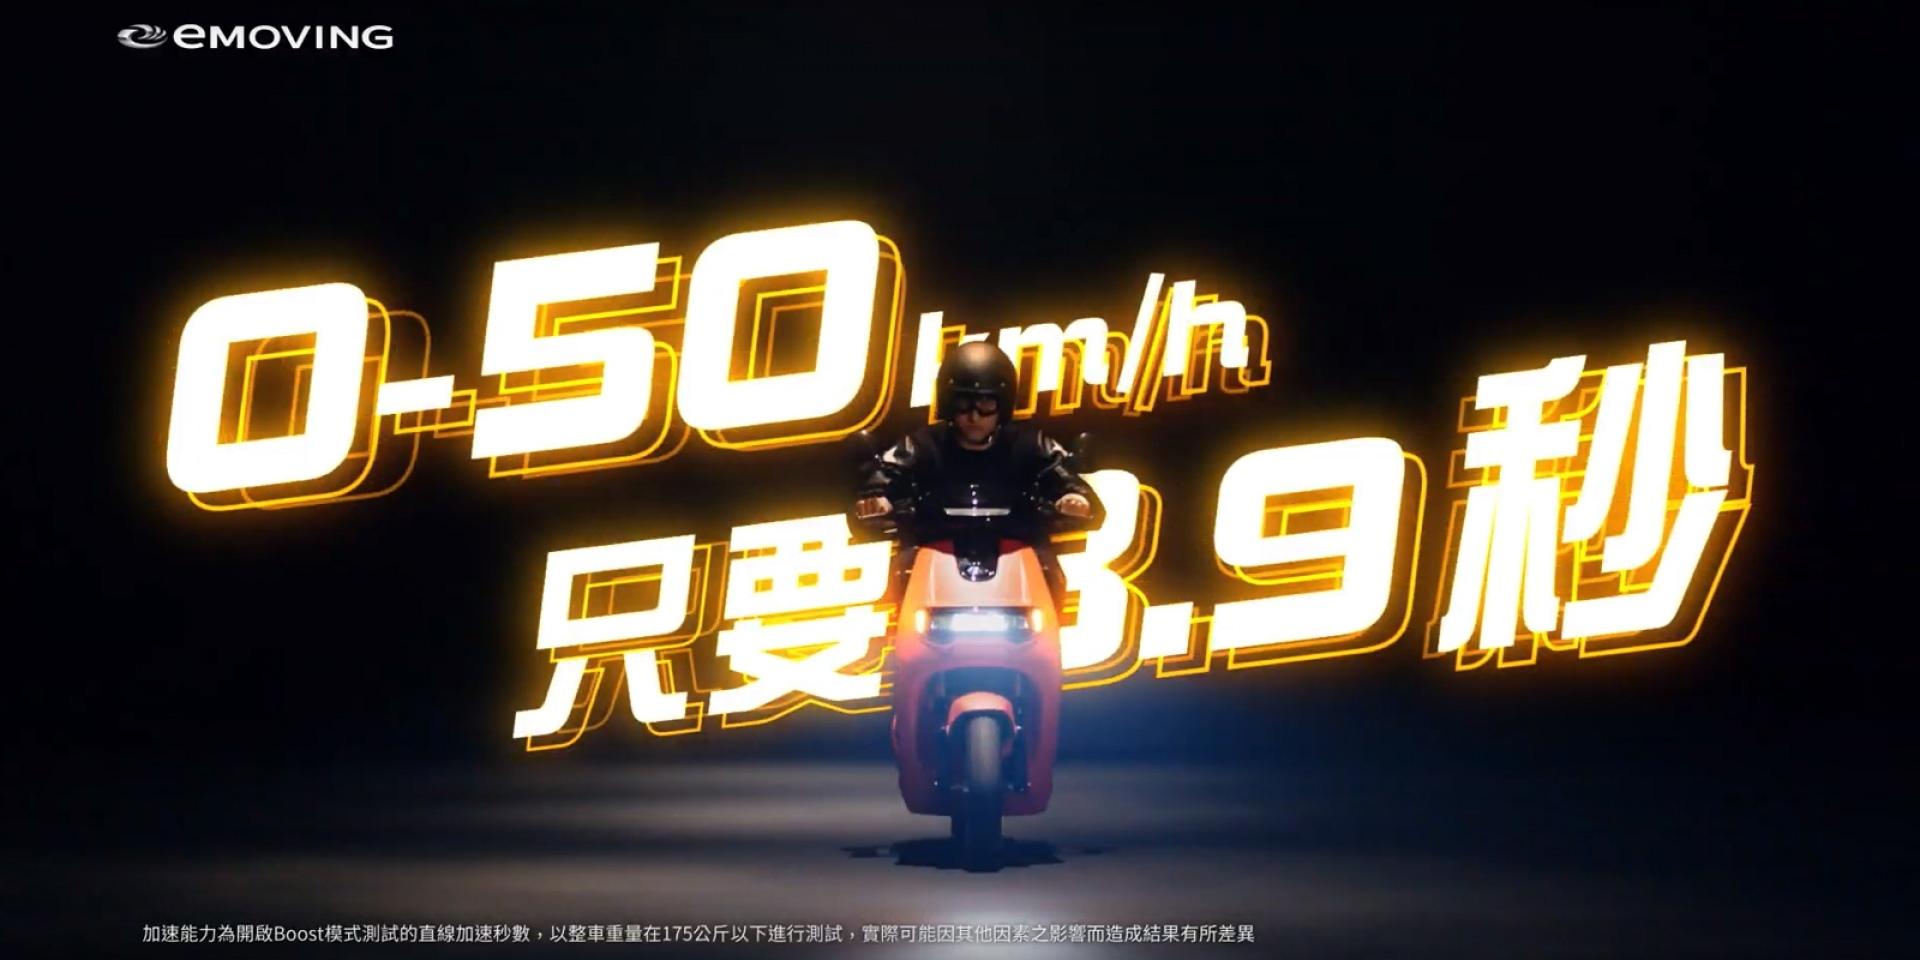 0-50公里加速3.9秒!中華eMOVING IE 125廣告曝光登場